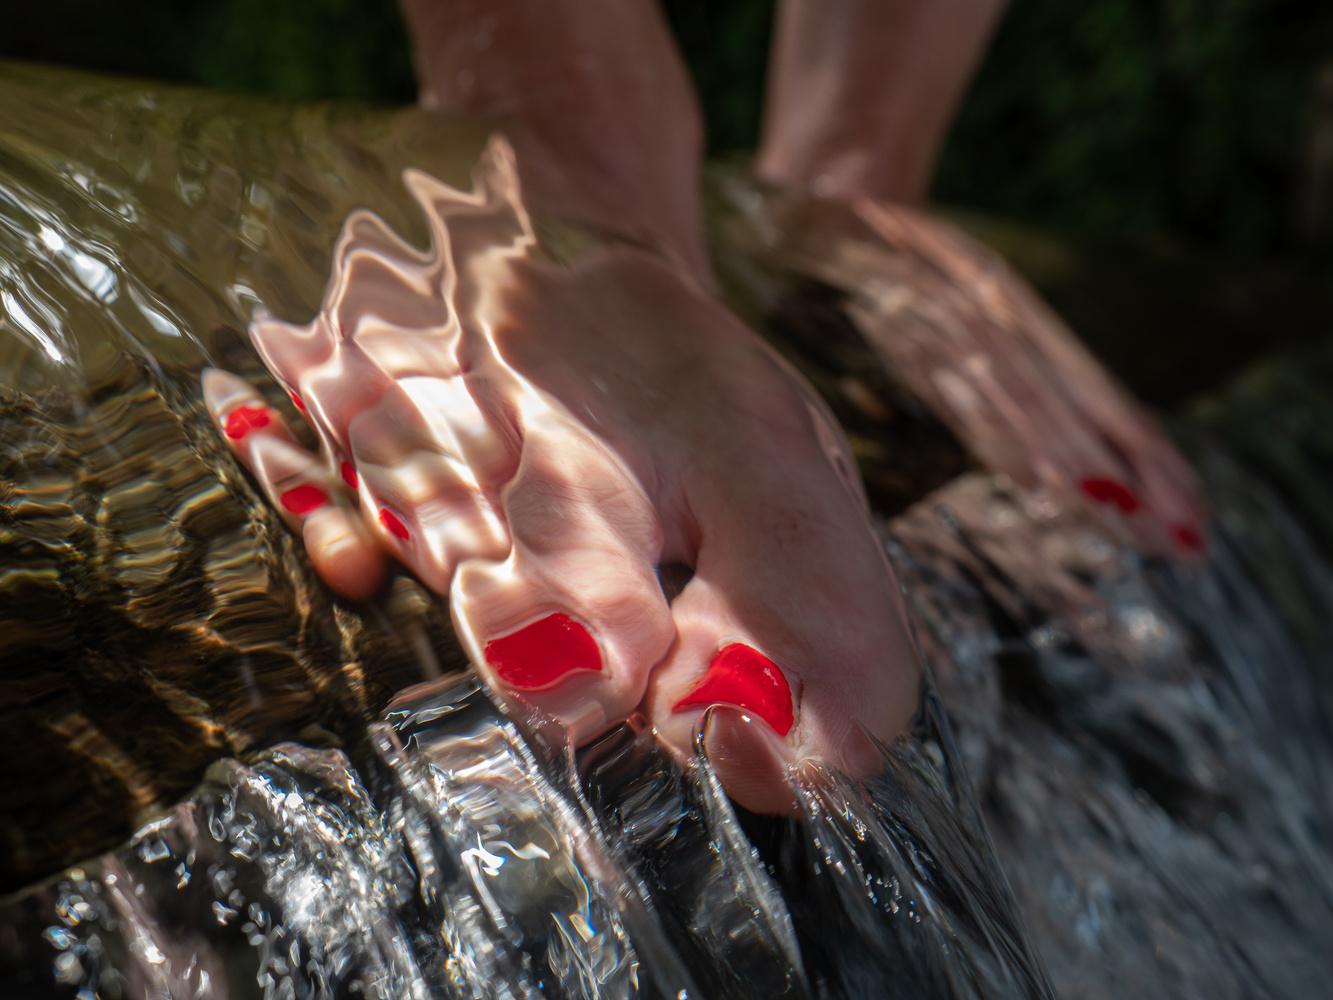 Feet by Tomasz Kowalski